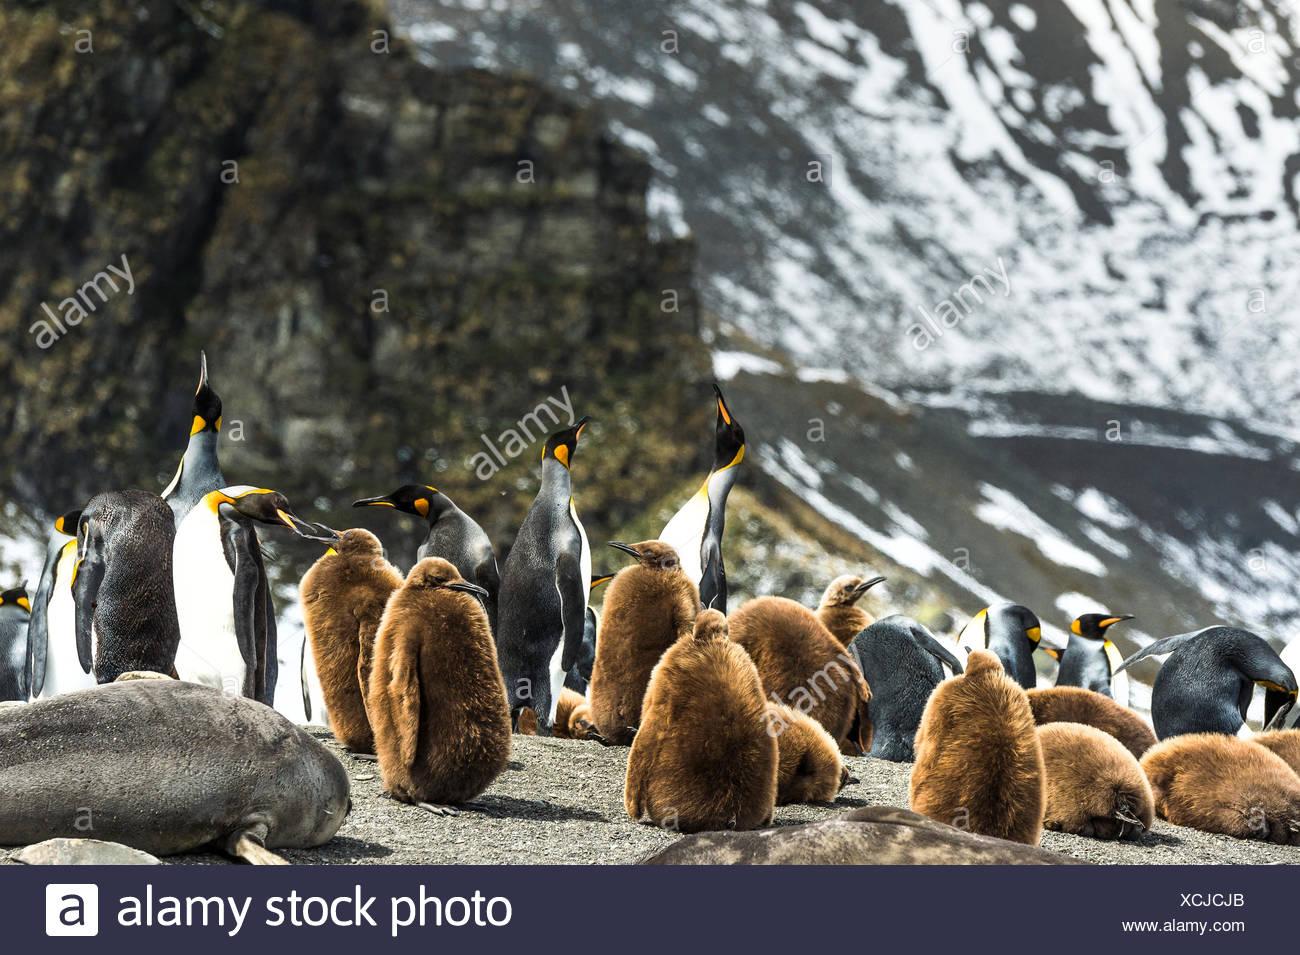 Le manchot royal (Aptenodytes patagonicus) et les juvéniles à l'Antarctique (Arctocephalus gazella) sur la plage; l'Antarctique Banque D'Images